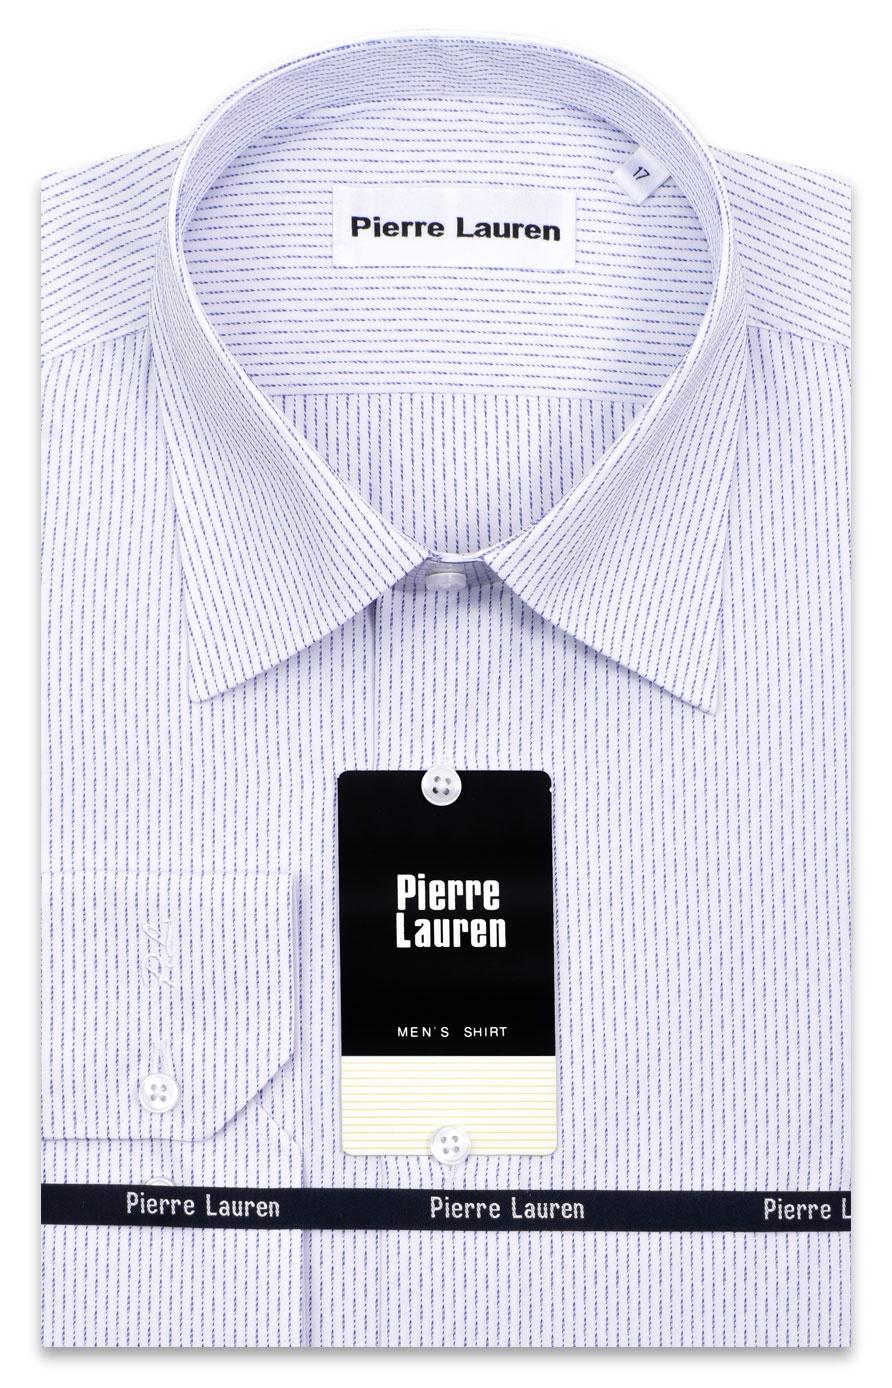 425ec0afdda0e7d Оригинальная мужская рубашка с длинным рукавом белого цвета в синюю  структурную полоску